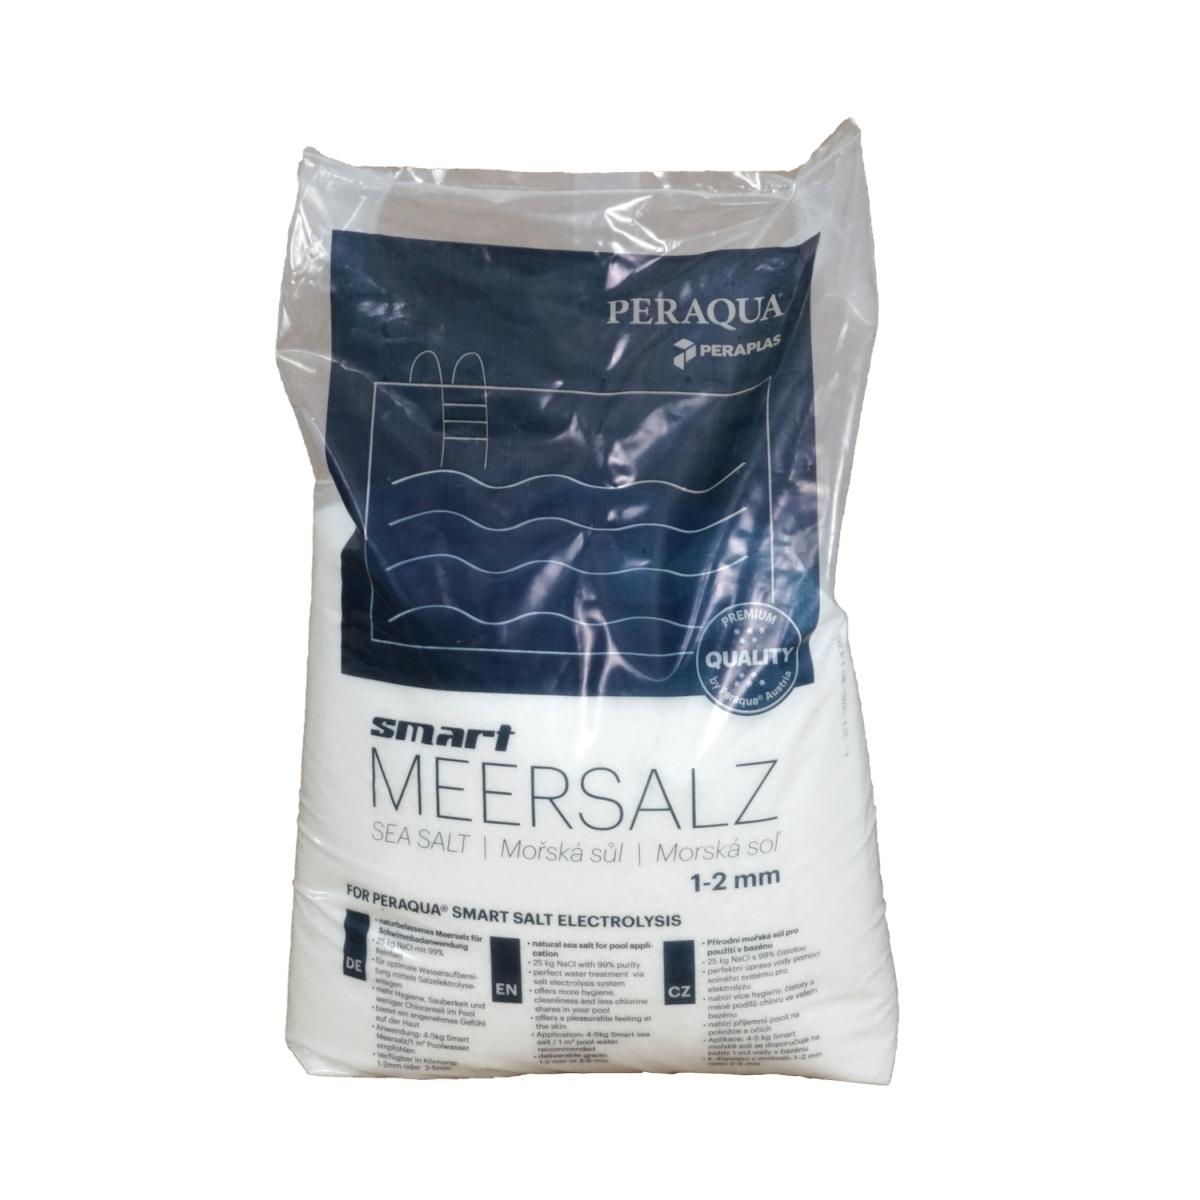 Smart Meersalz 1-2mm Körnung für die Verwendung in Verbindung mit Salzelektrolyseanlagen in Schwimmbadanlagen, 25 kg Sack Smart Meersalz 1-2mm Körnung für die Verwendung in Verbindung mit Salzelektrolyseanlagen in Schwimmbadanlagen, 25 kg Sack